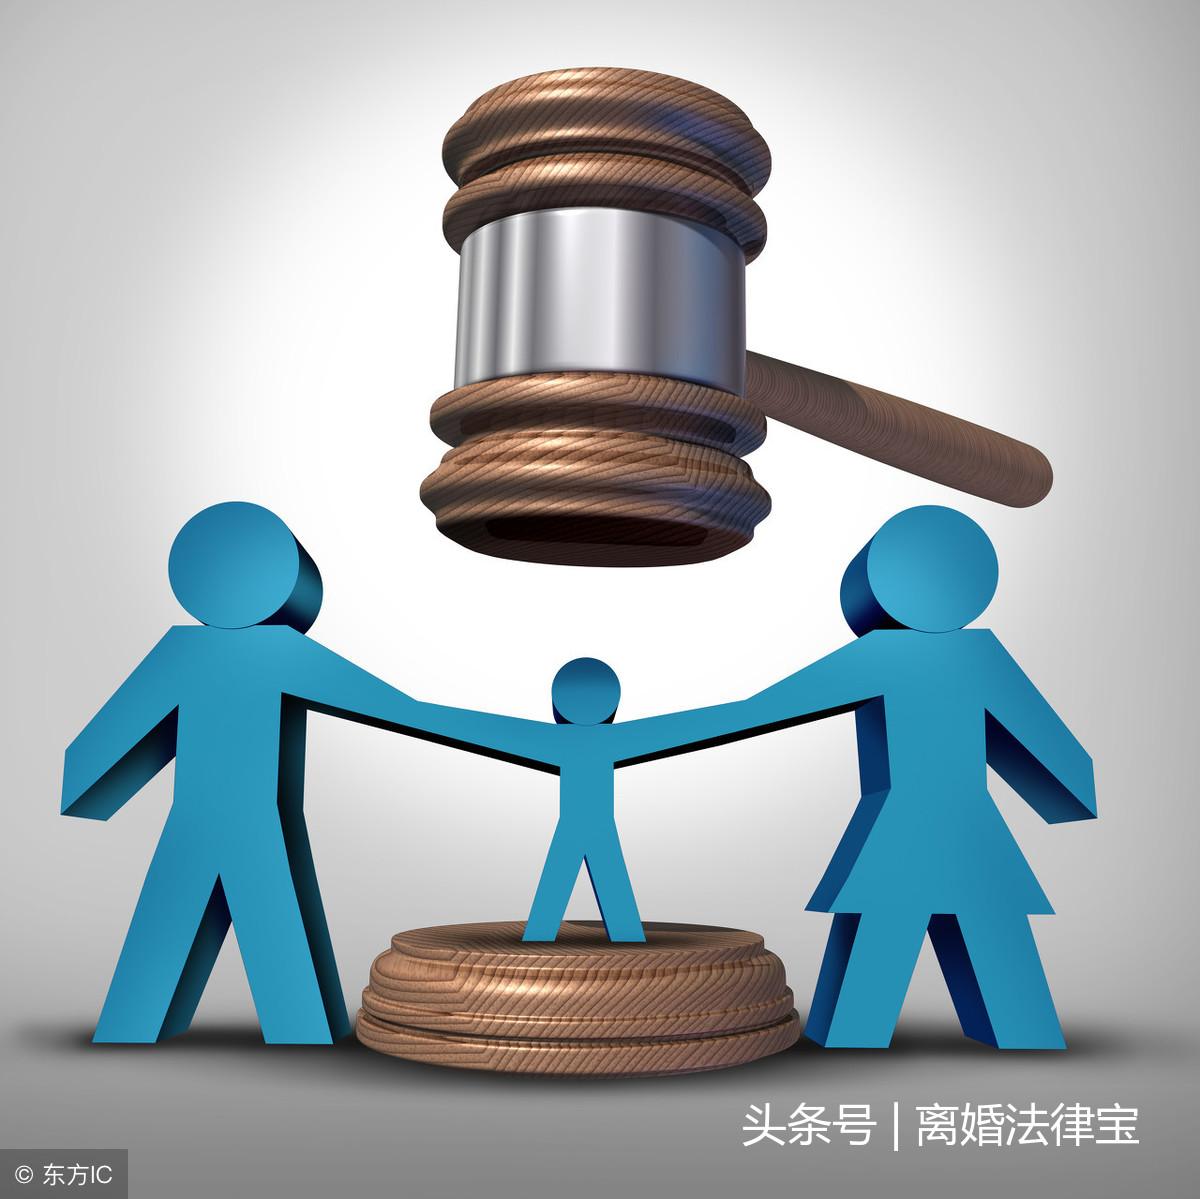 抚养权强制执行成功率高不高(抚养权强制执行的新规定)-菏泽刑事律师电话免费咨询